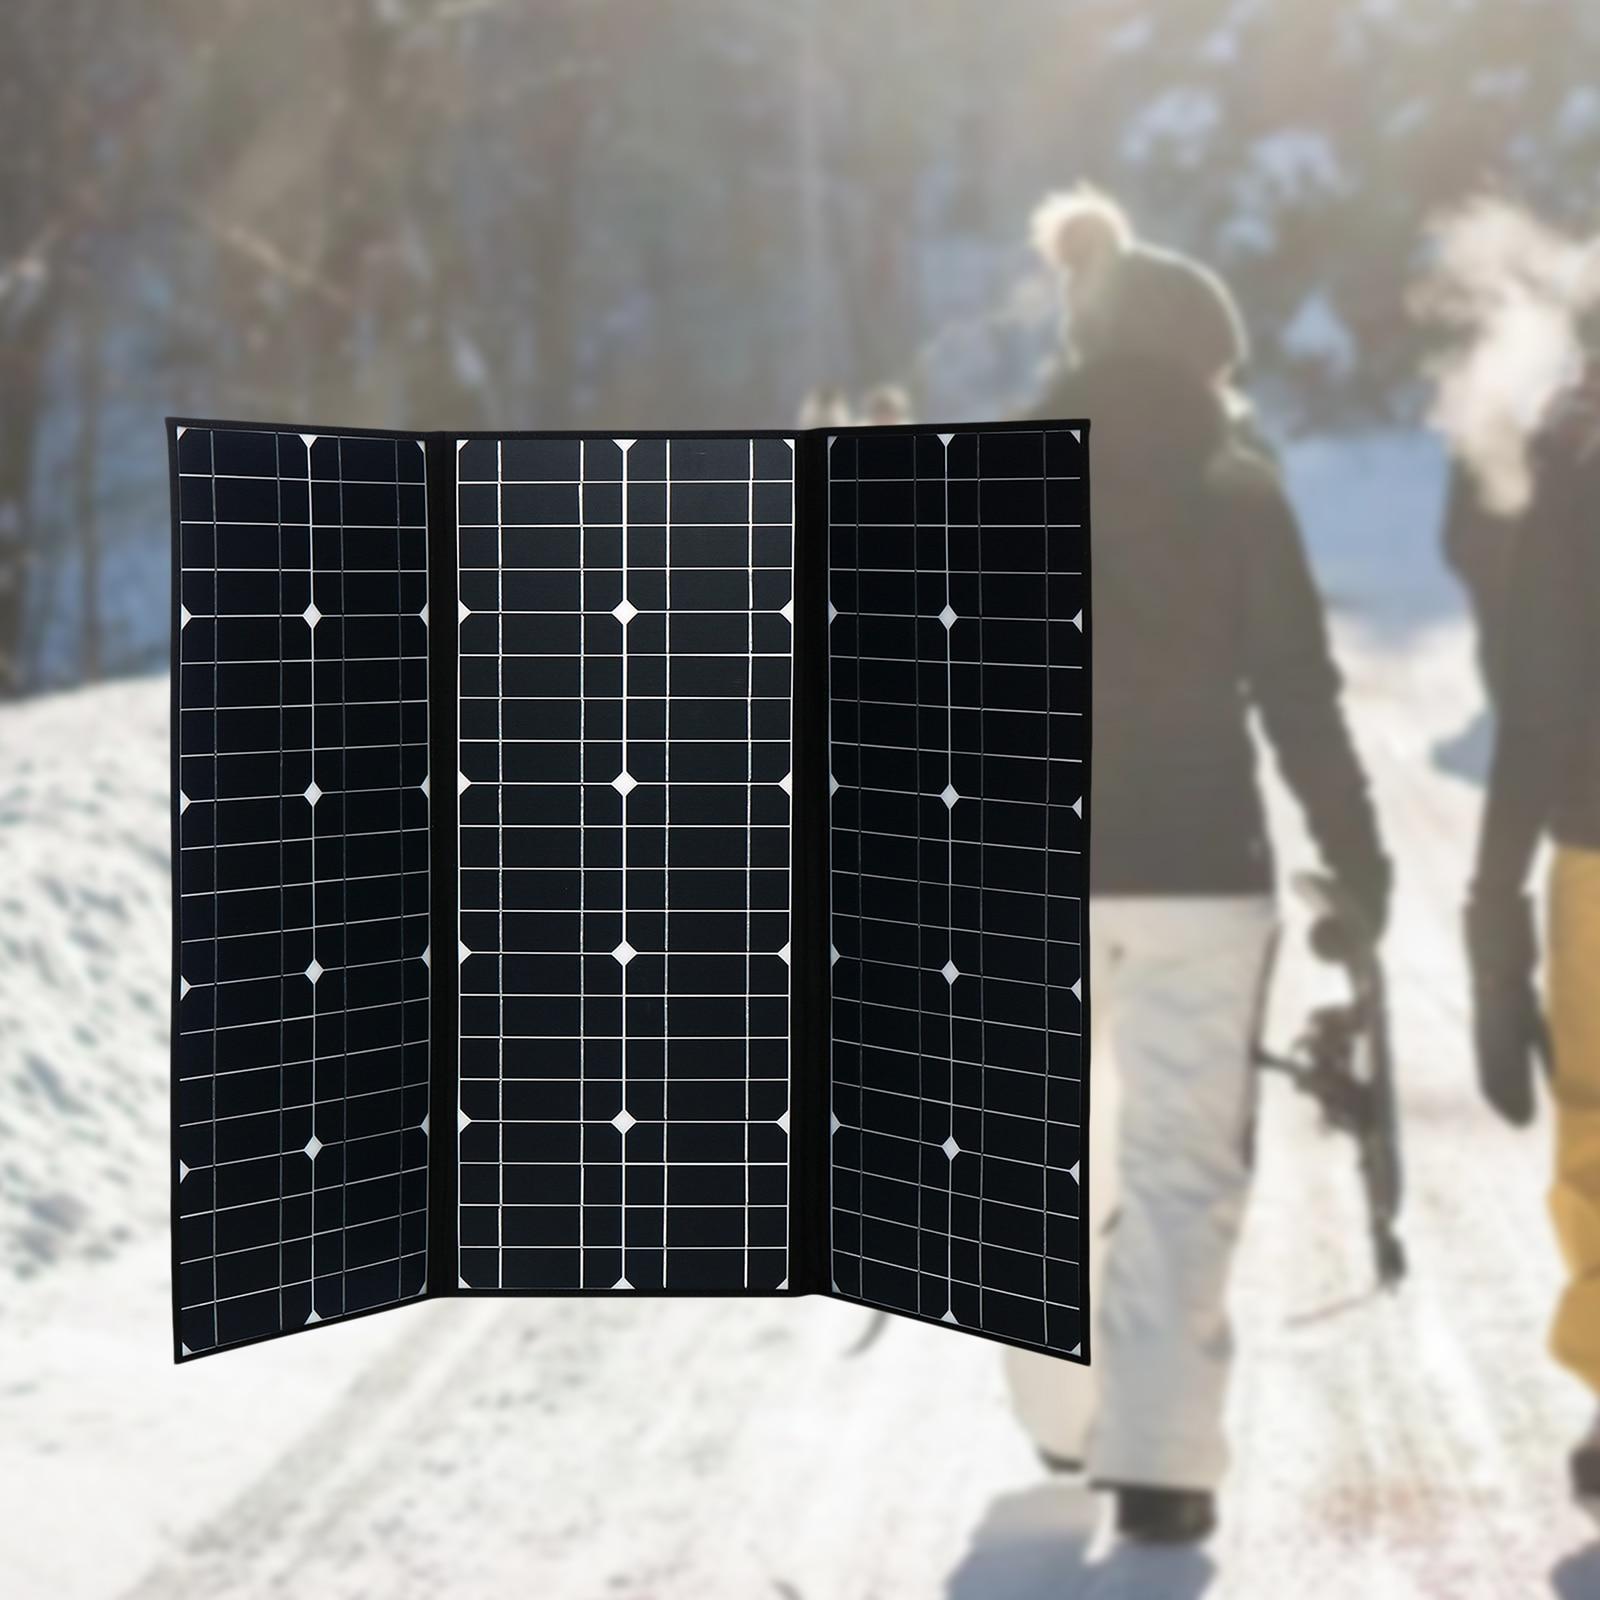 200 واط لوحة شمسية قابلة للطي المحمولة مولد محطة الطاقة ، لوحة للطاقة الشمسية شاحن للمنزل في الهواء الطلق التخييم المشي لمسافات طويلة